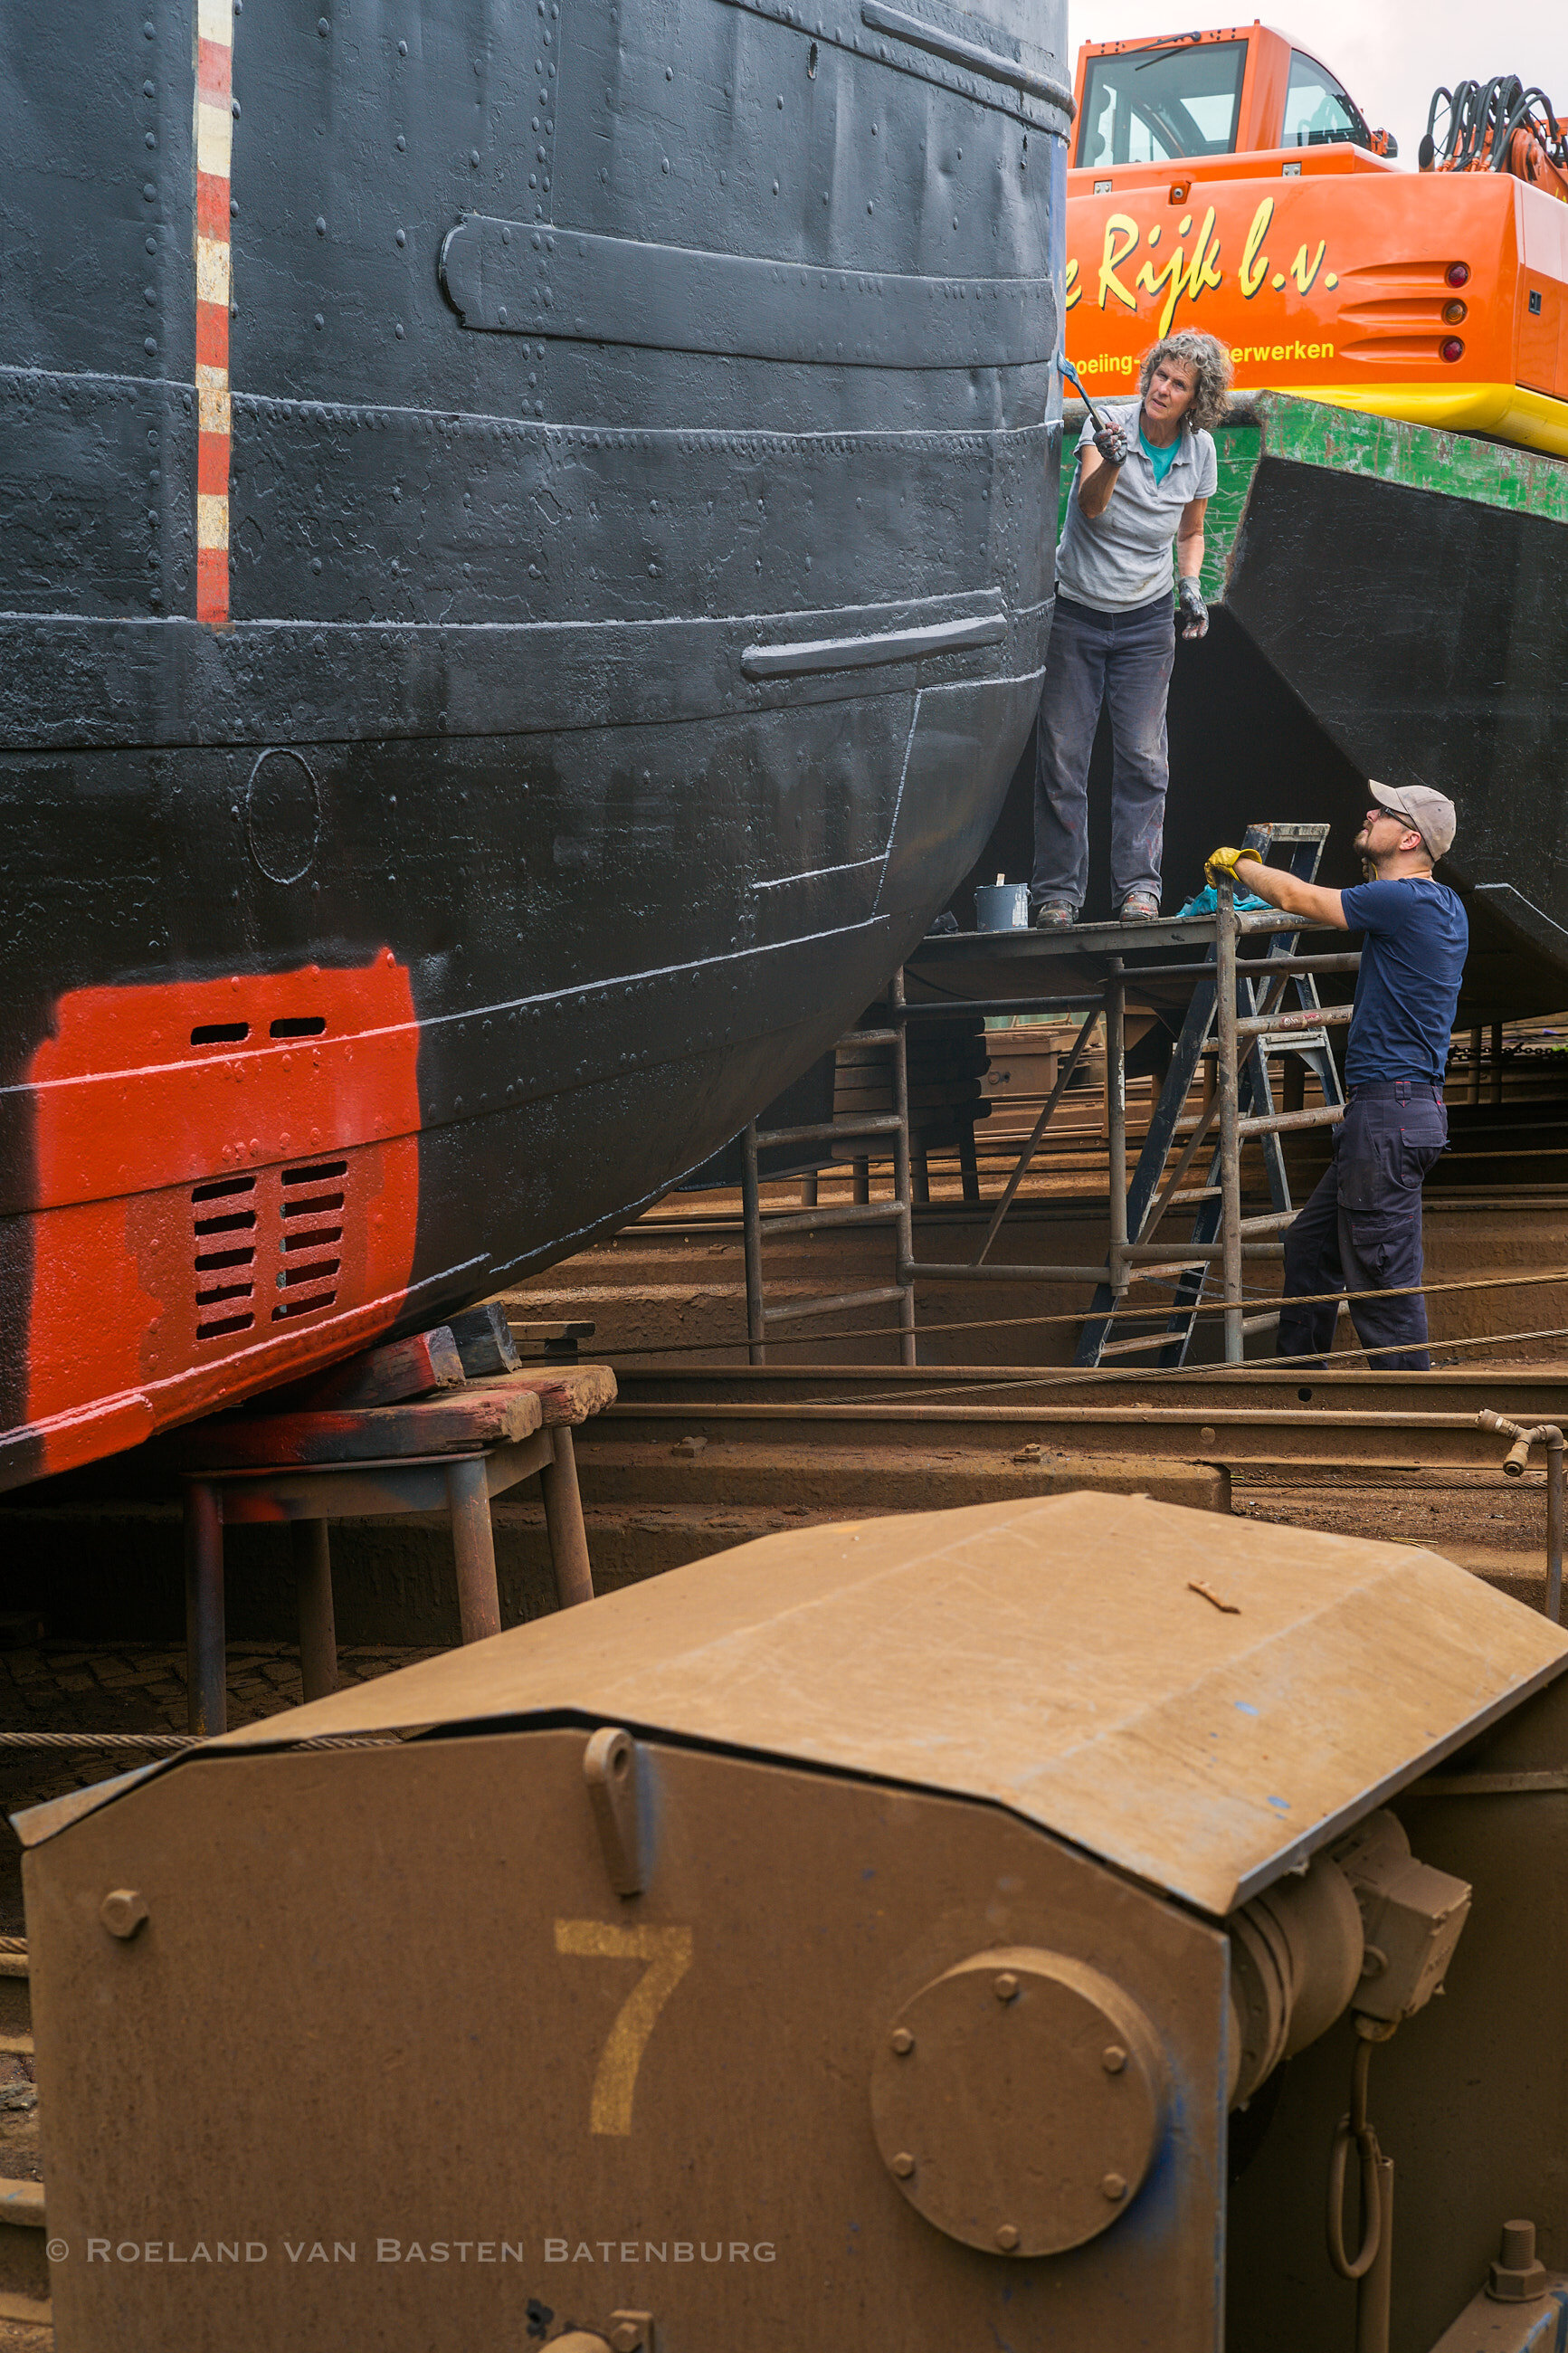 De nieuwe laag teervervanger zit er intussen op, meerdere lagen tot aan de waterlijn (met leeg schip), daarboven een enkele van weer een andere samenstelling. Degelijk vakwerk.  Het oranje-rode stuk is antifouling op de waterinlaat van de beunkoeler, die vervangen is